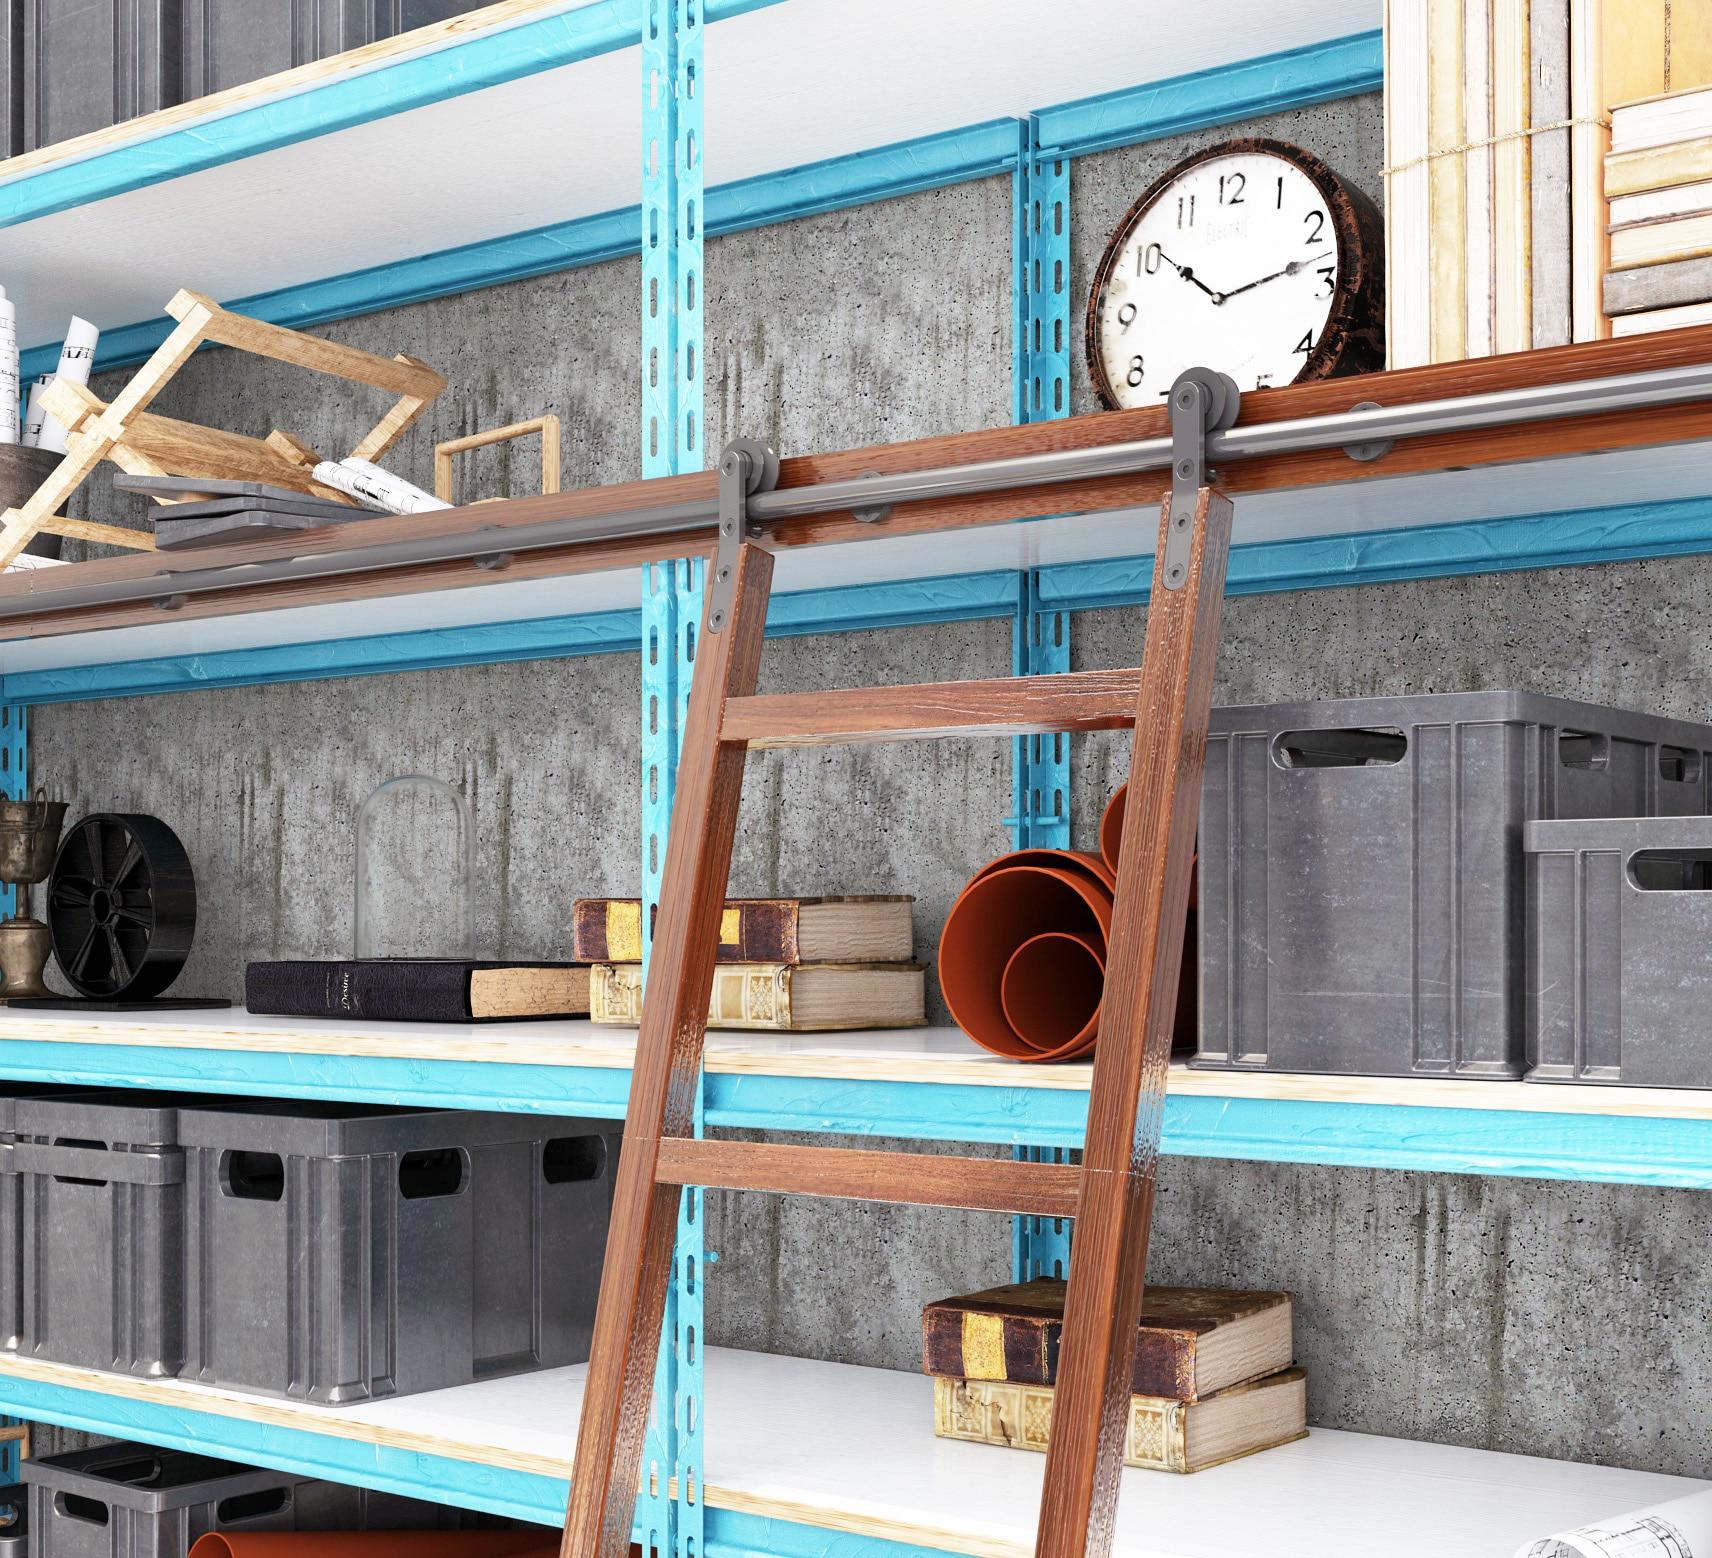 DIYHD, Ladder, Steel, Track, Black, Sliding